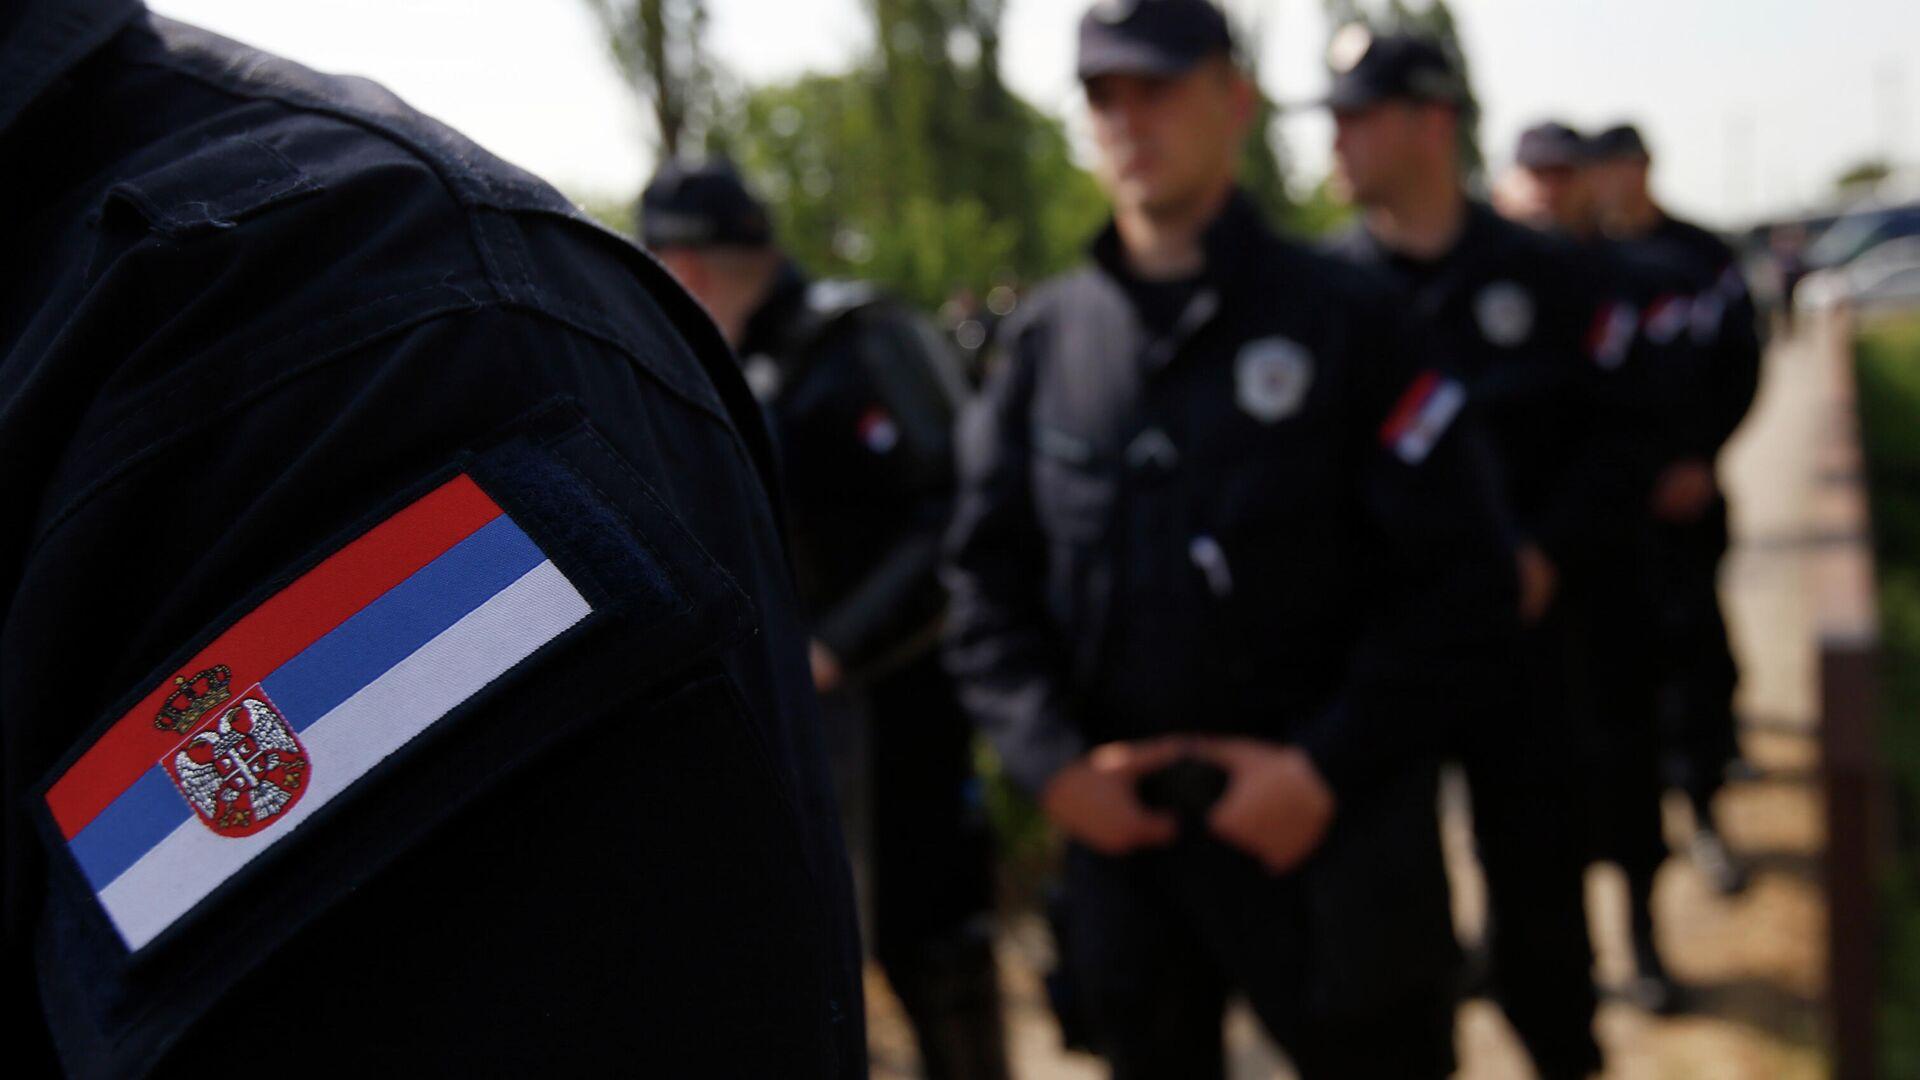 Сотрудники полиции Сербии - РИА Новости, 1920, 11.10.2021